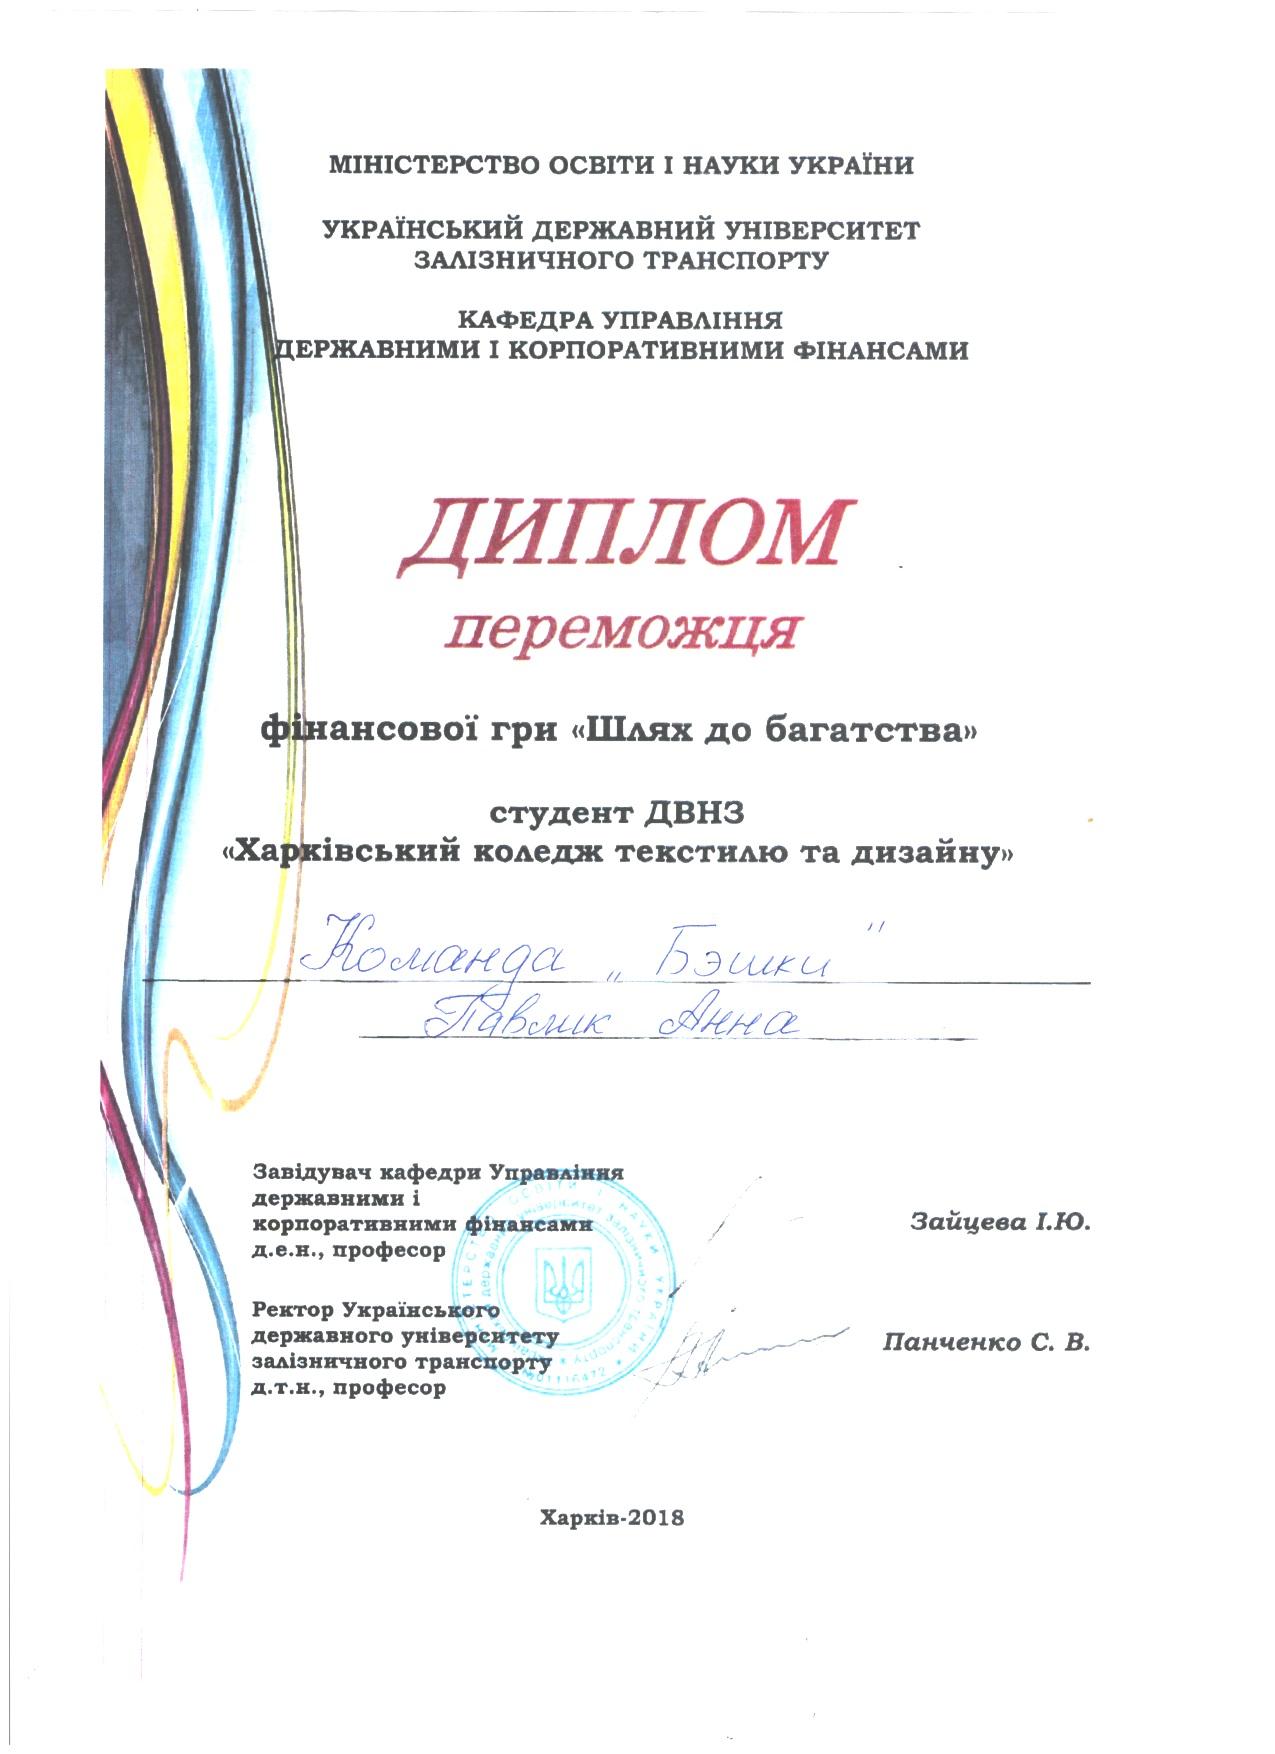 imgonline-com-ua-Resize-KZyhHEsOvngz